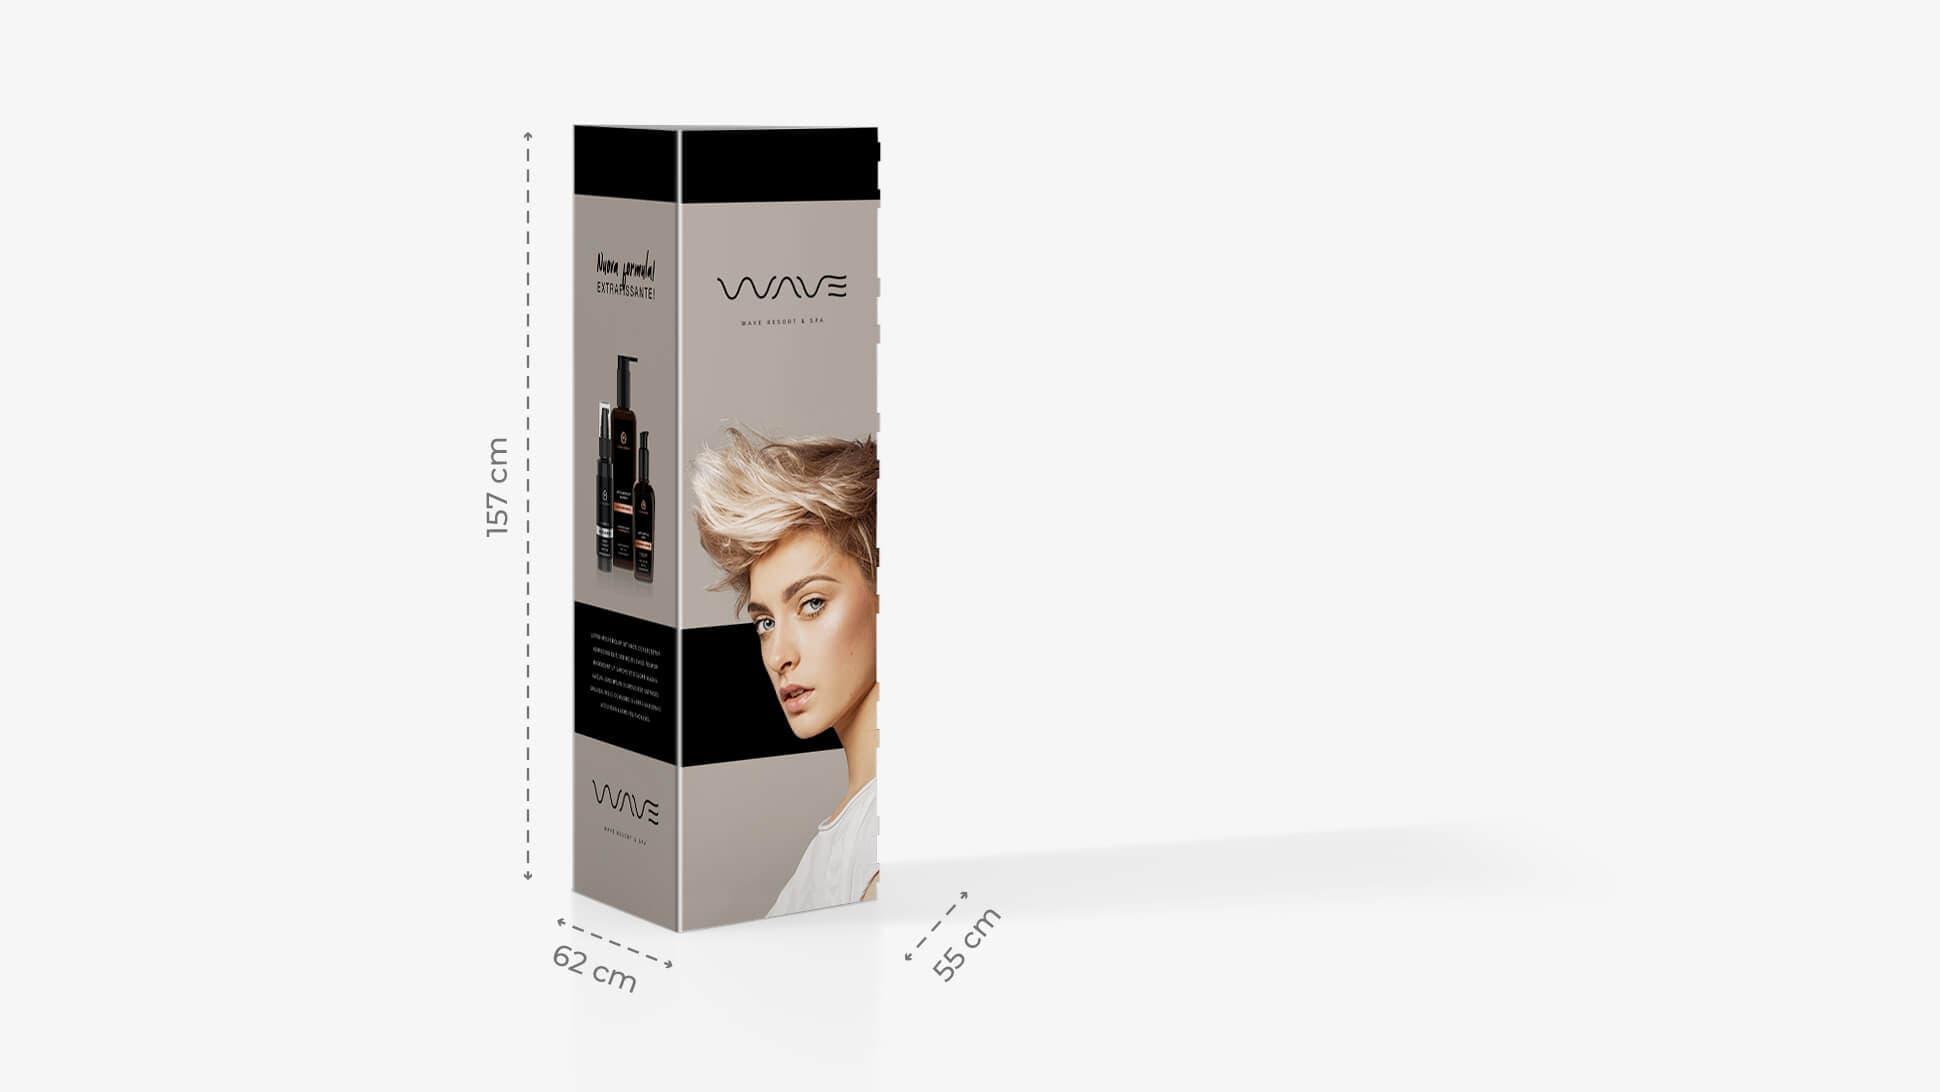 Espositore h157 cm grafica prodotti per capelli | tictac.it